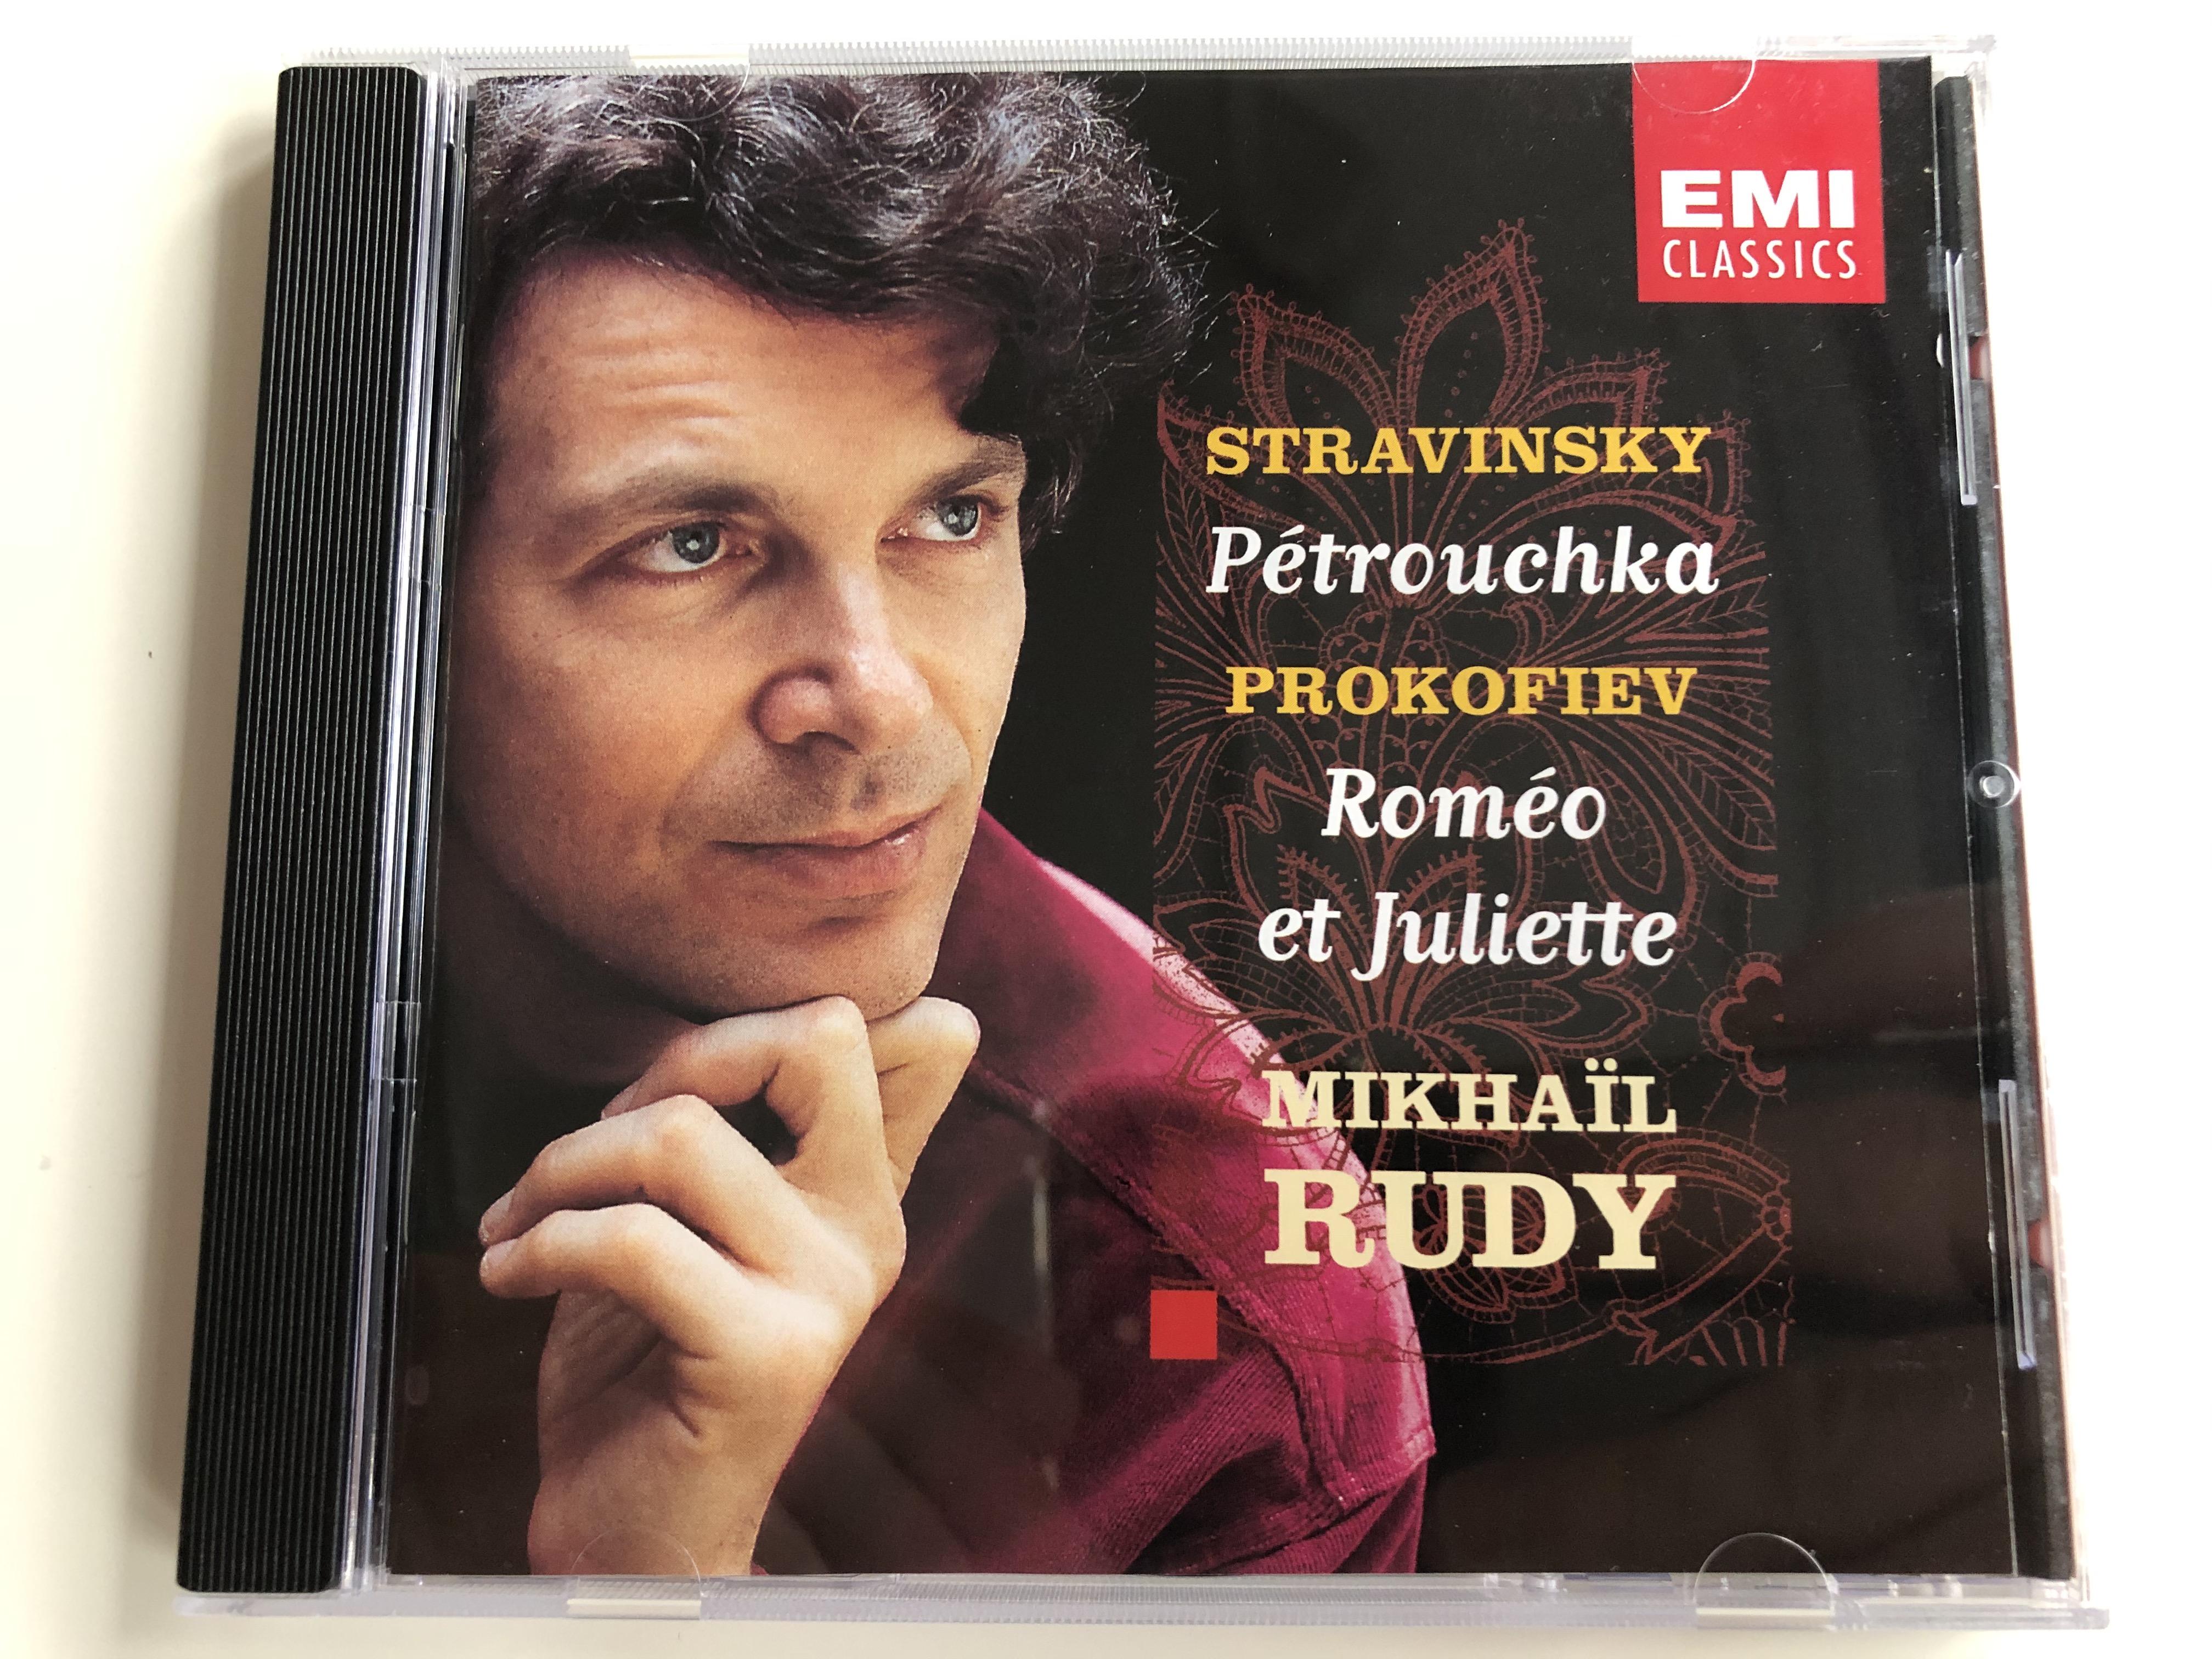 stravinsky-p-trouchka-prokofiev-rom-o-et-juliette-mikha-l-rudy-emi-classics-audio-cd-1998-724355673121-1-.jpg